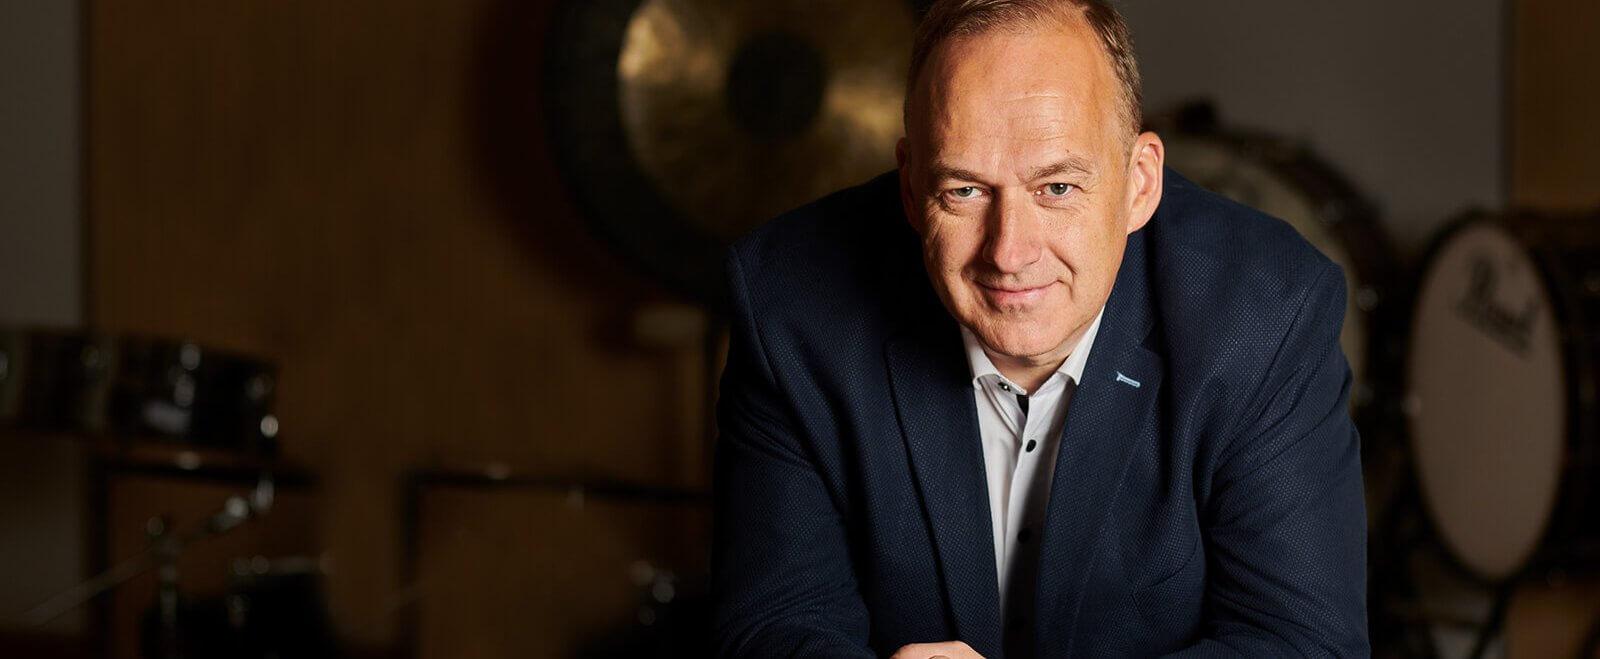 Christoph Karle, Geschäftsführender Präsident des BDB Bund Deutscher Blasmusikverbände e. V